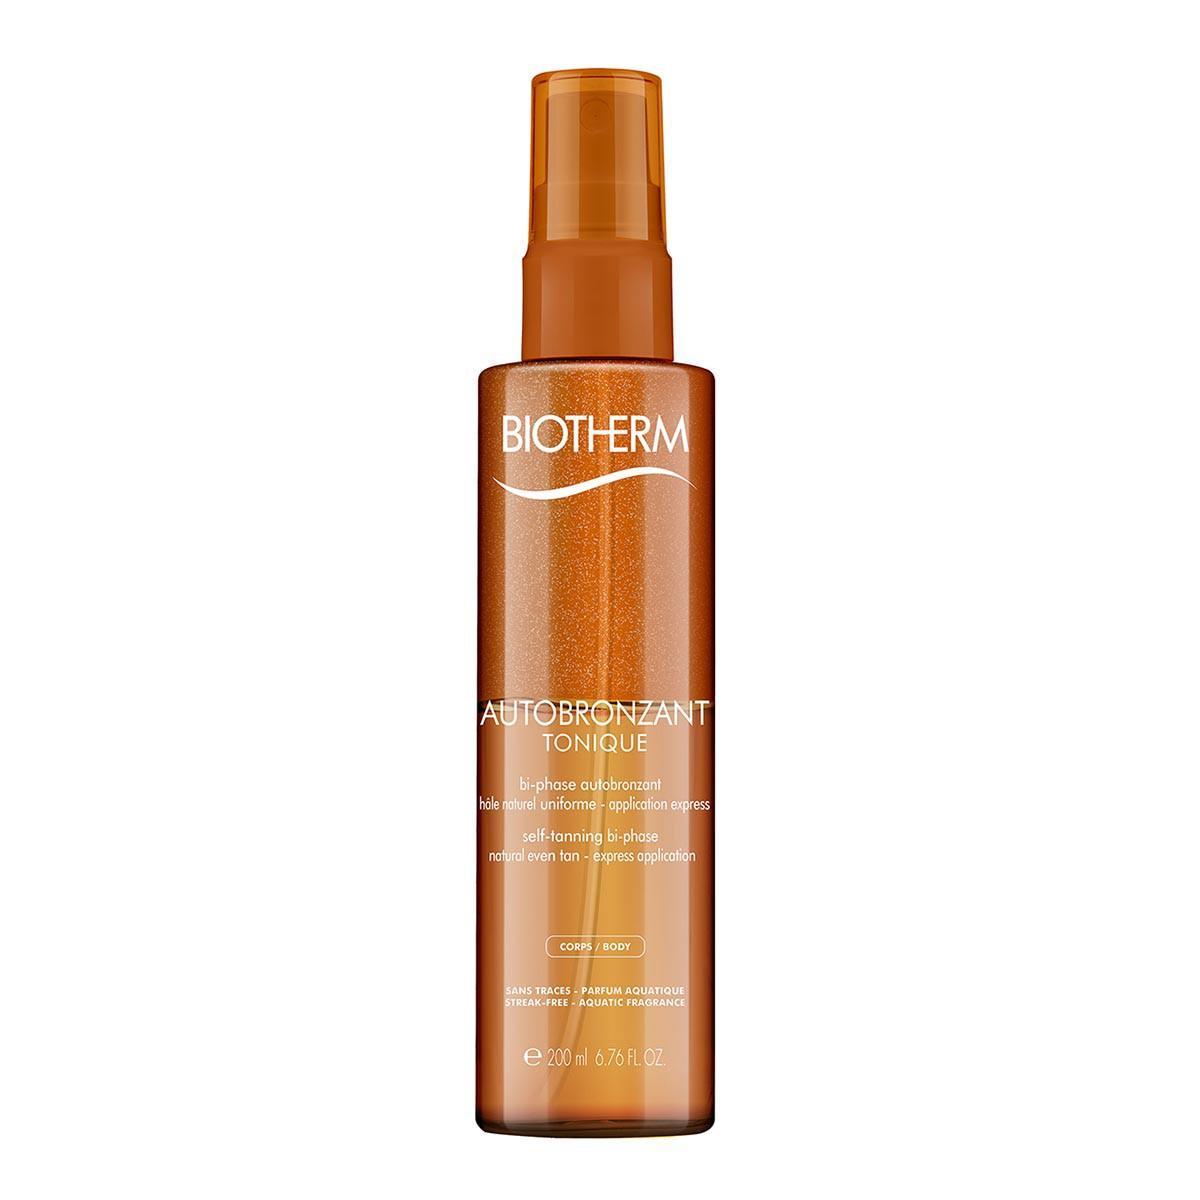 Cuidado de la piel Biotherm Autobronzant Tonique Biphase 200 Ml